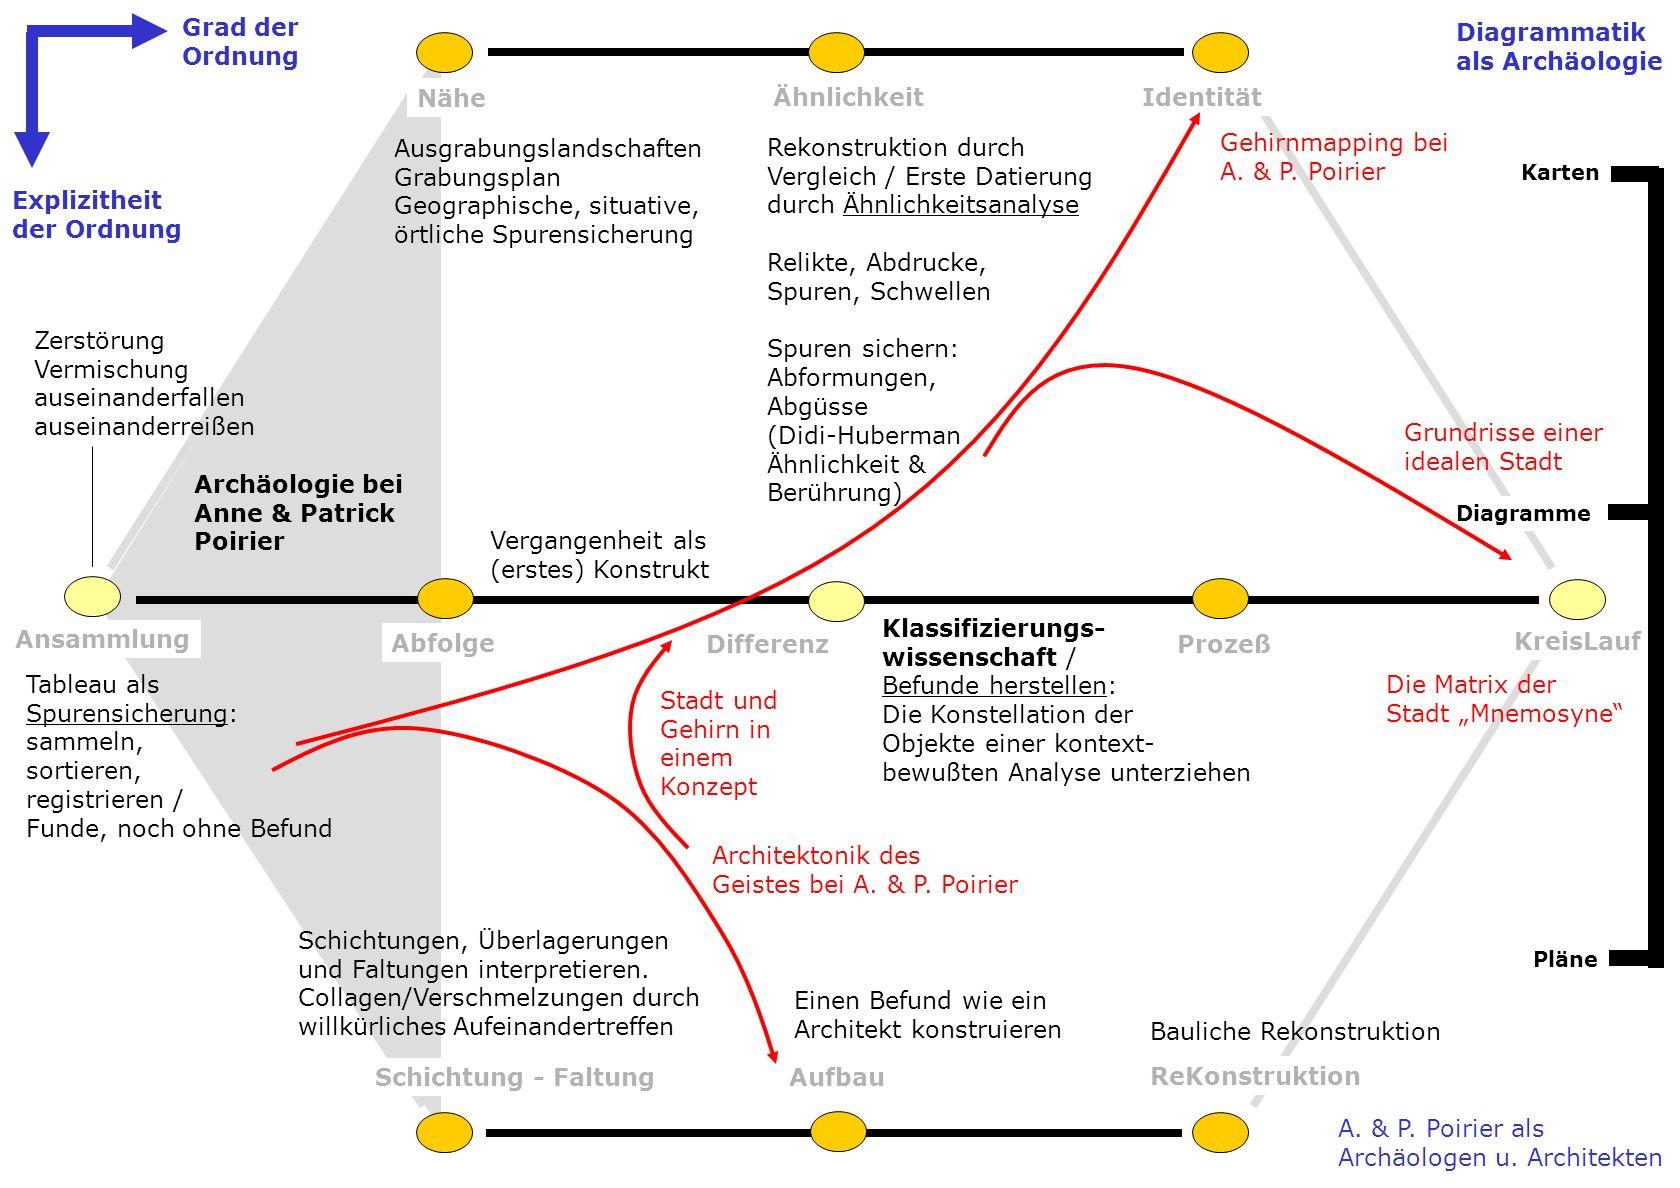 Ähnlichkeit Nähe Identität Ansammlung Abfolge DifferenzProzeß KreisLauf Schichtung - FaltungAufbau ReKonstruktion Explizitheit der Ordnung Grad der Or